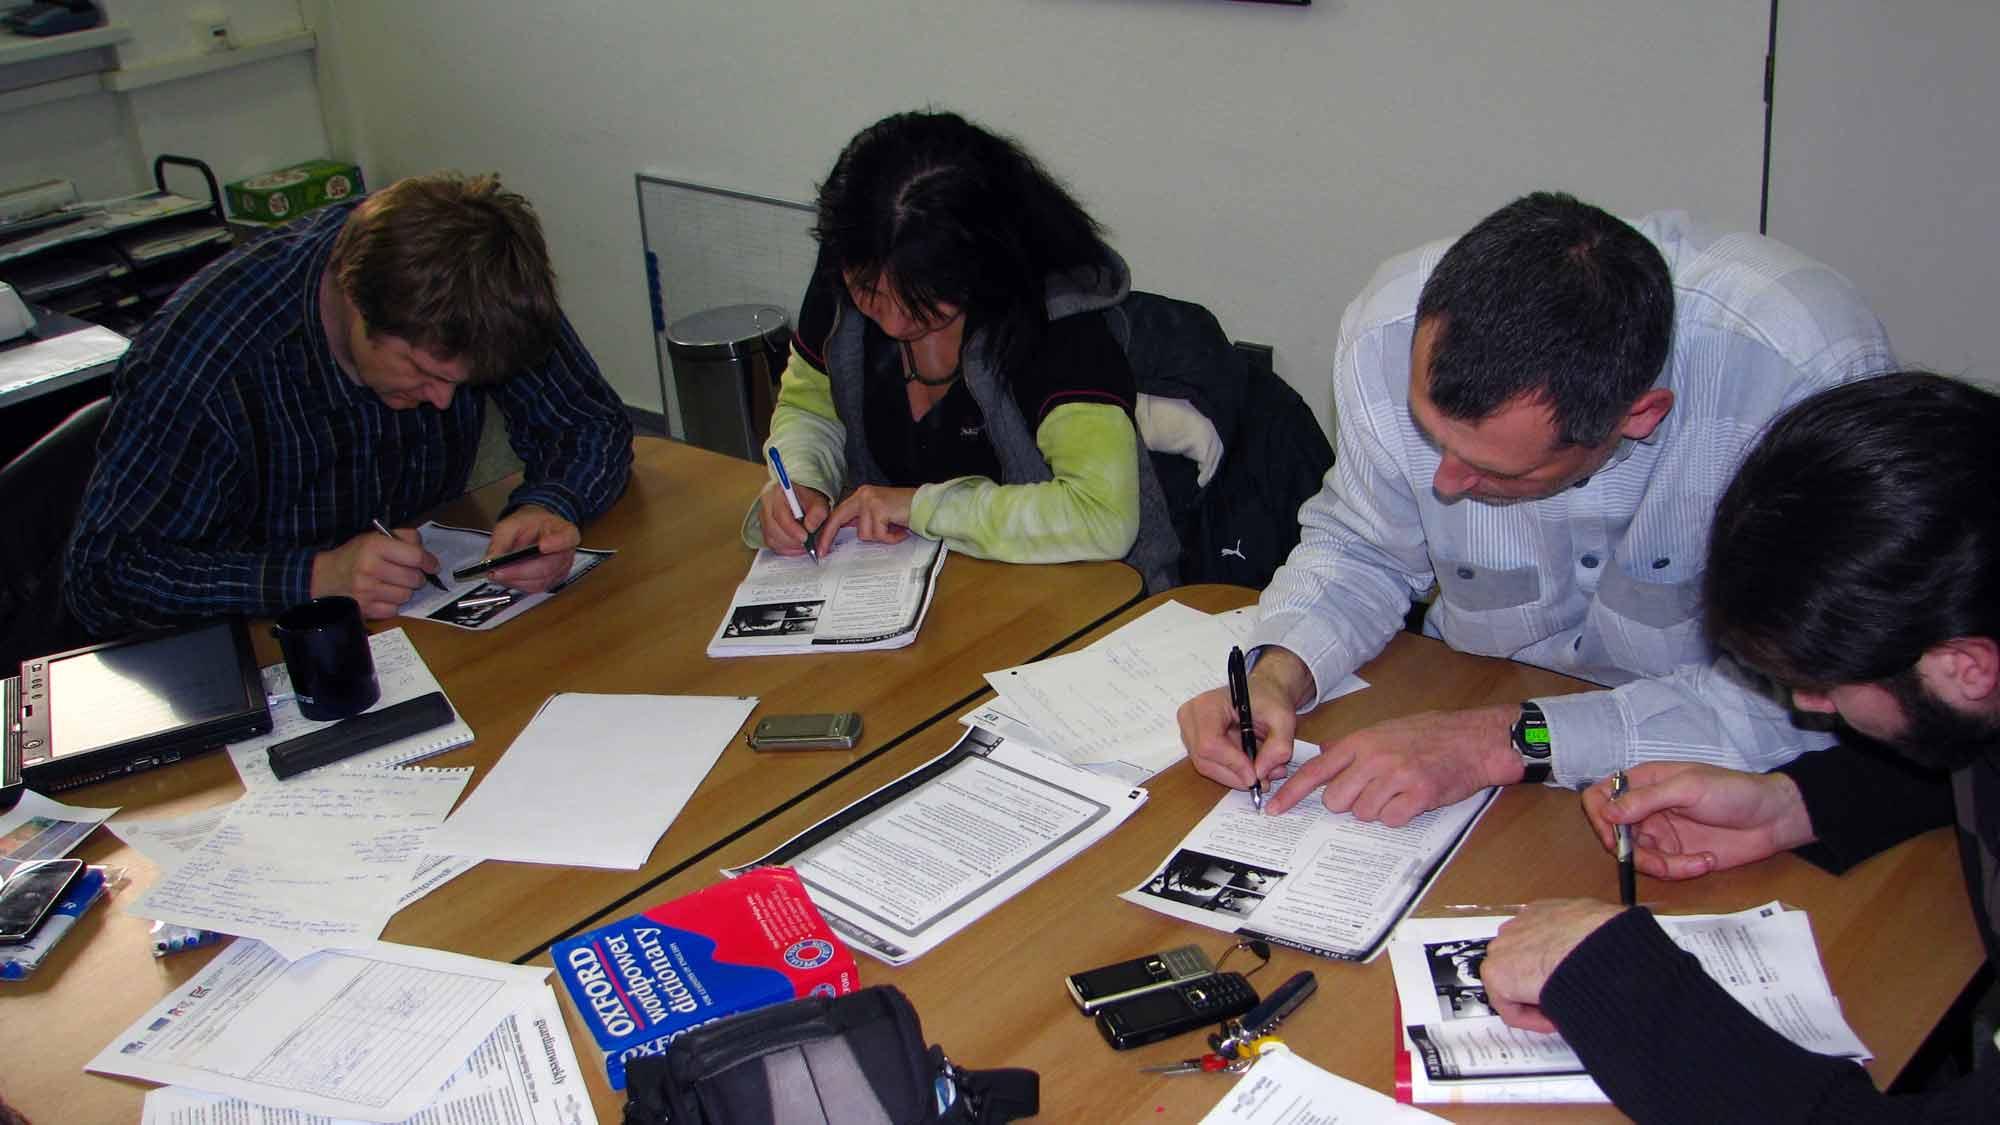 Zaměstnanci společnosti K-net přezkoumávají angličtinu